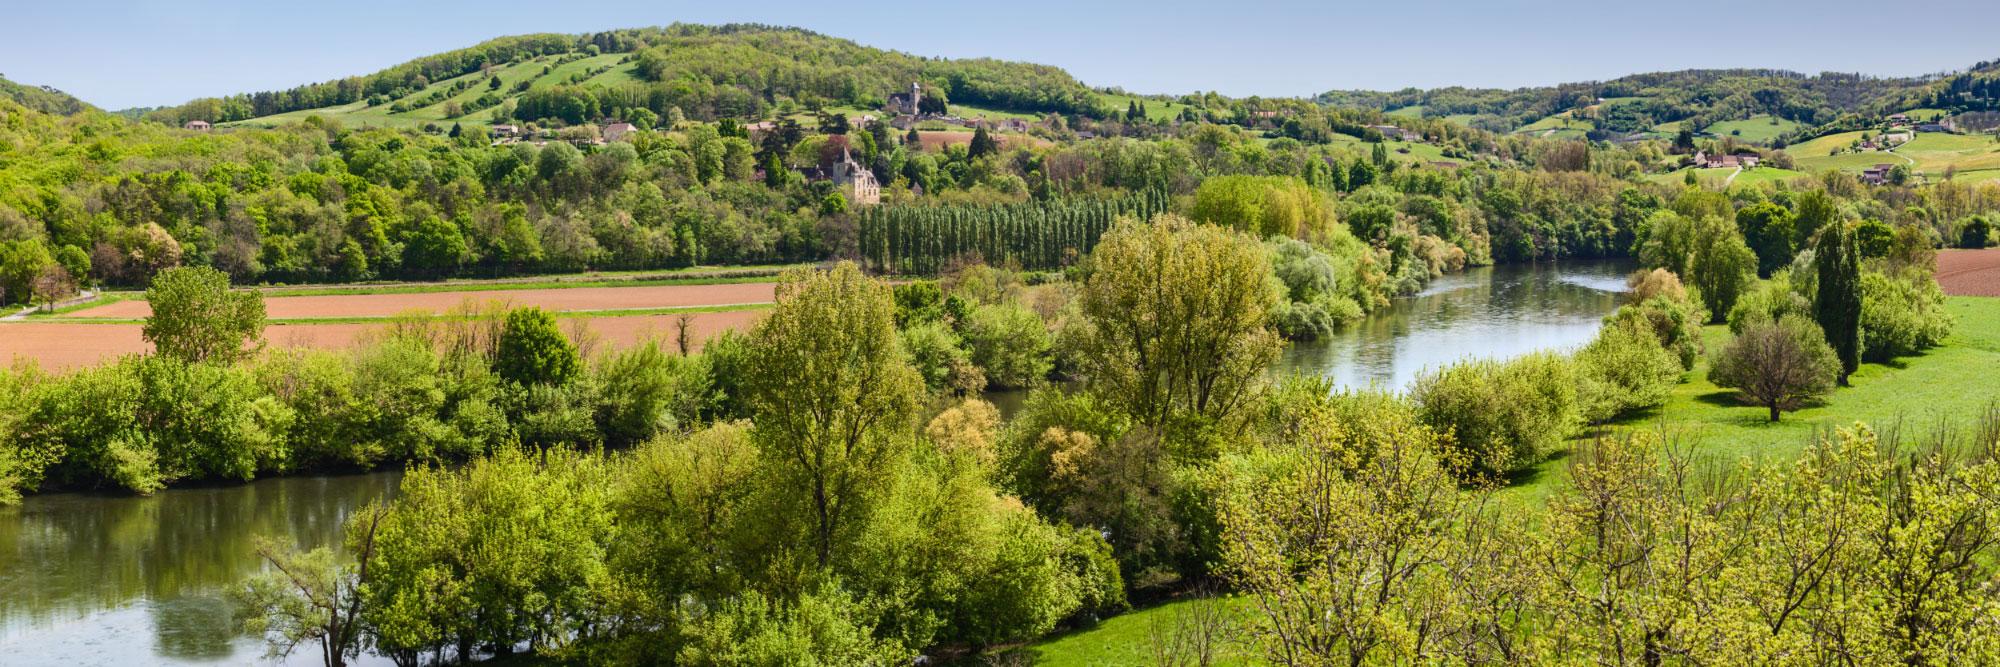 La Dordogne, le chateau de Bétou, l'église et le village de Marnac, le chateau de Mirabel depuis Mouzens